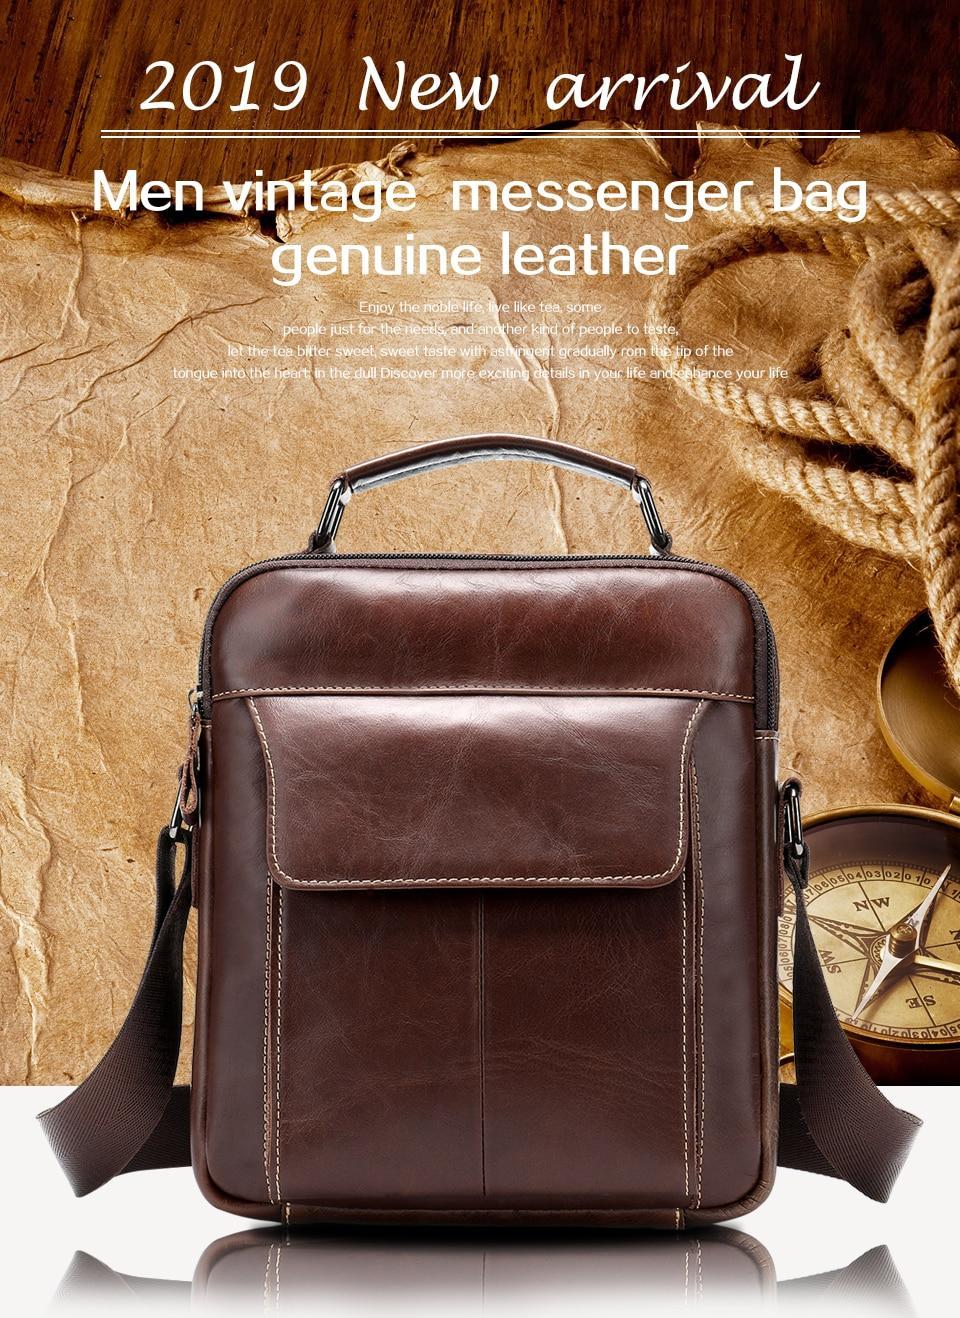 d18c3b8309ac picture 1; picture 2. 1; 2. Товары и услуги · Кожаные мужские сумки; Мужская  сумка из натуральной кожи mva